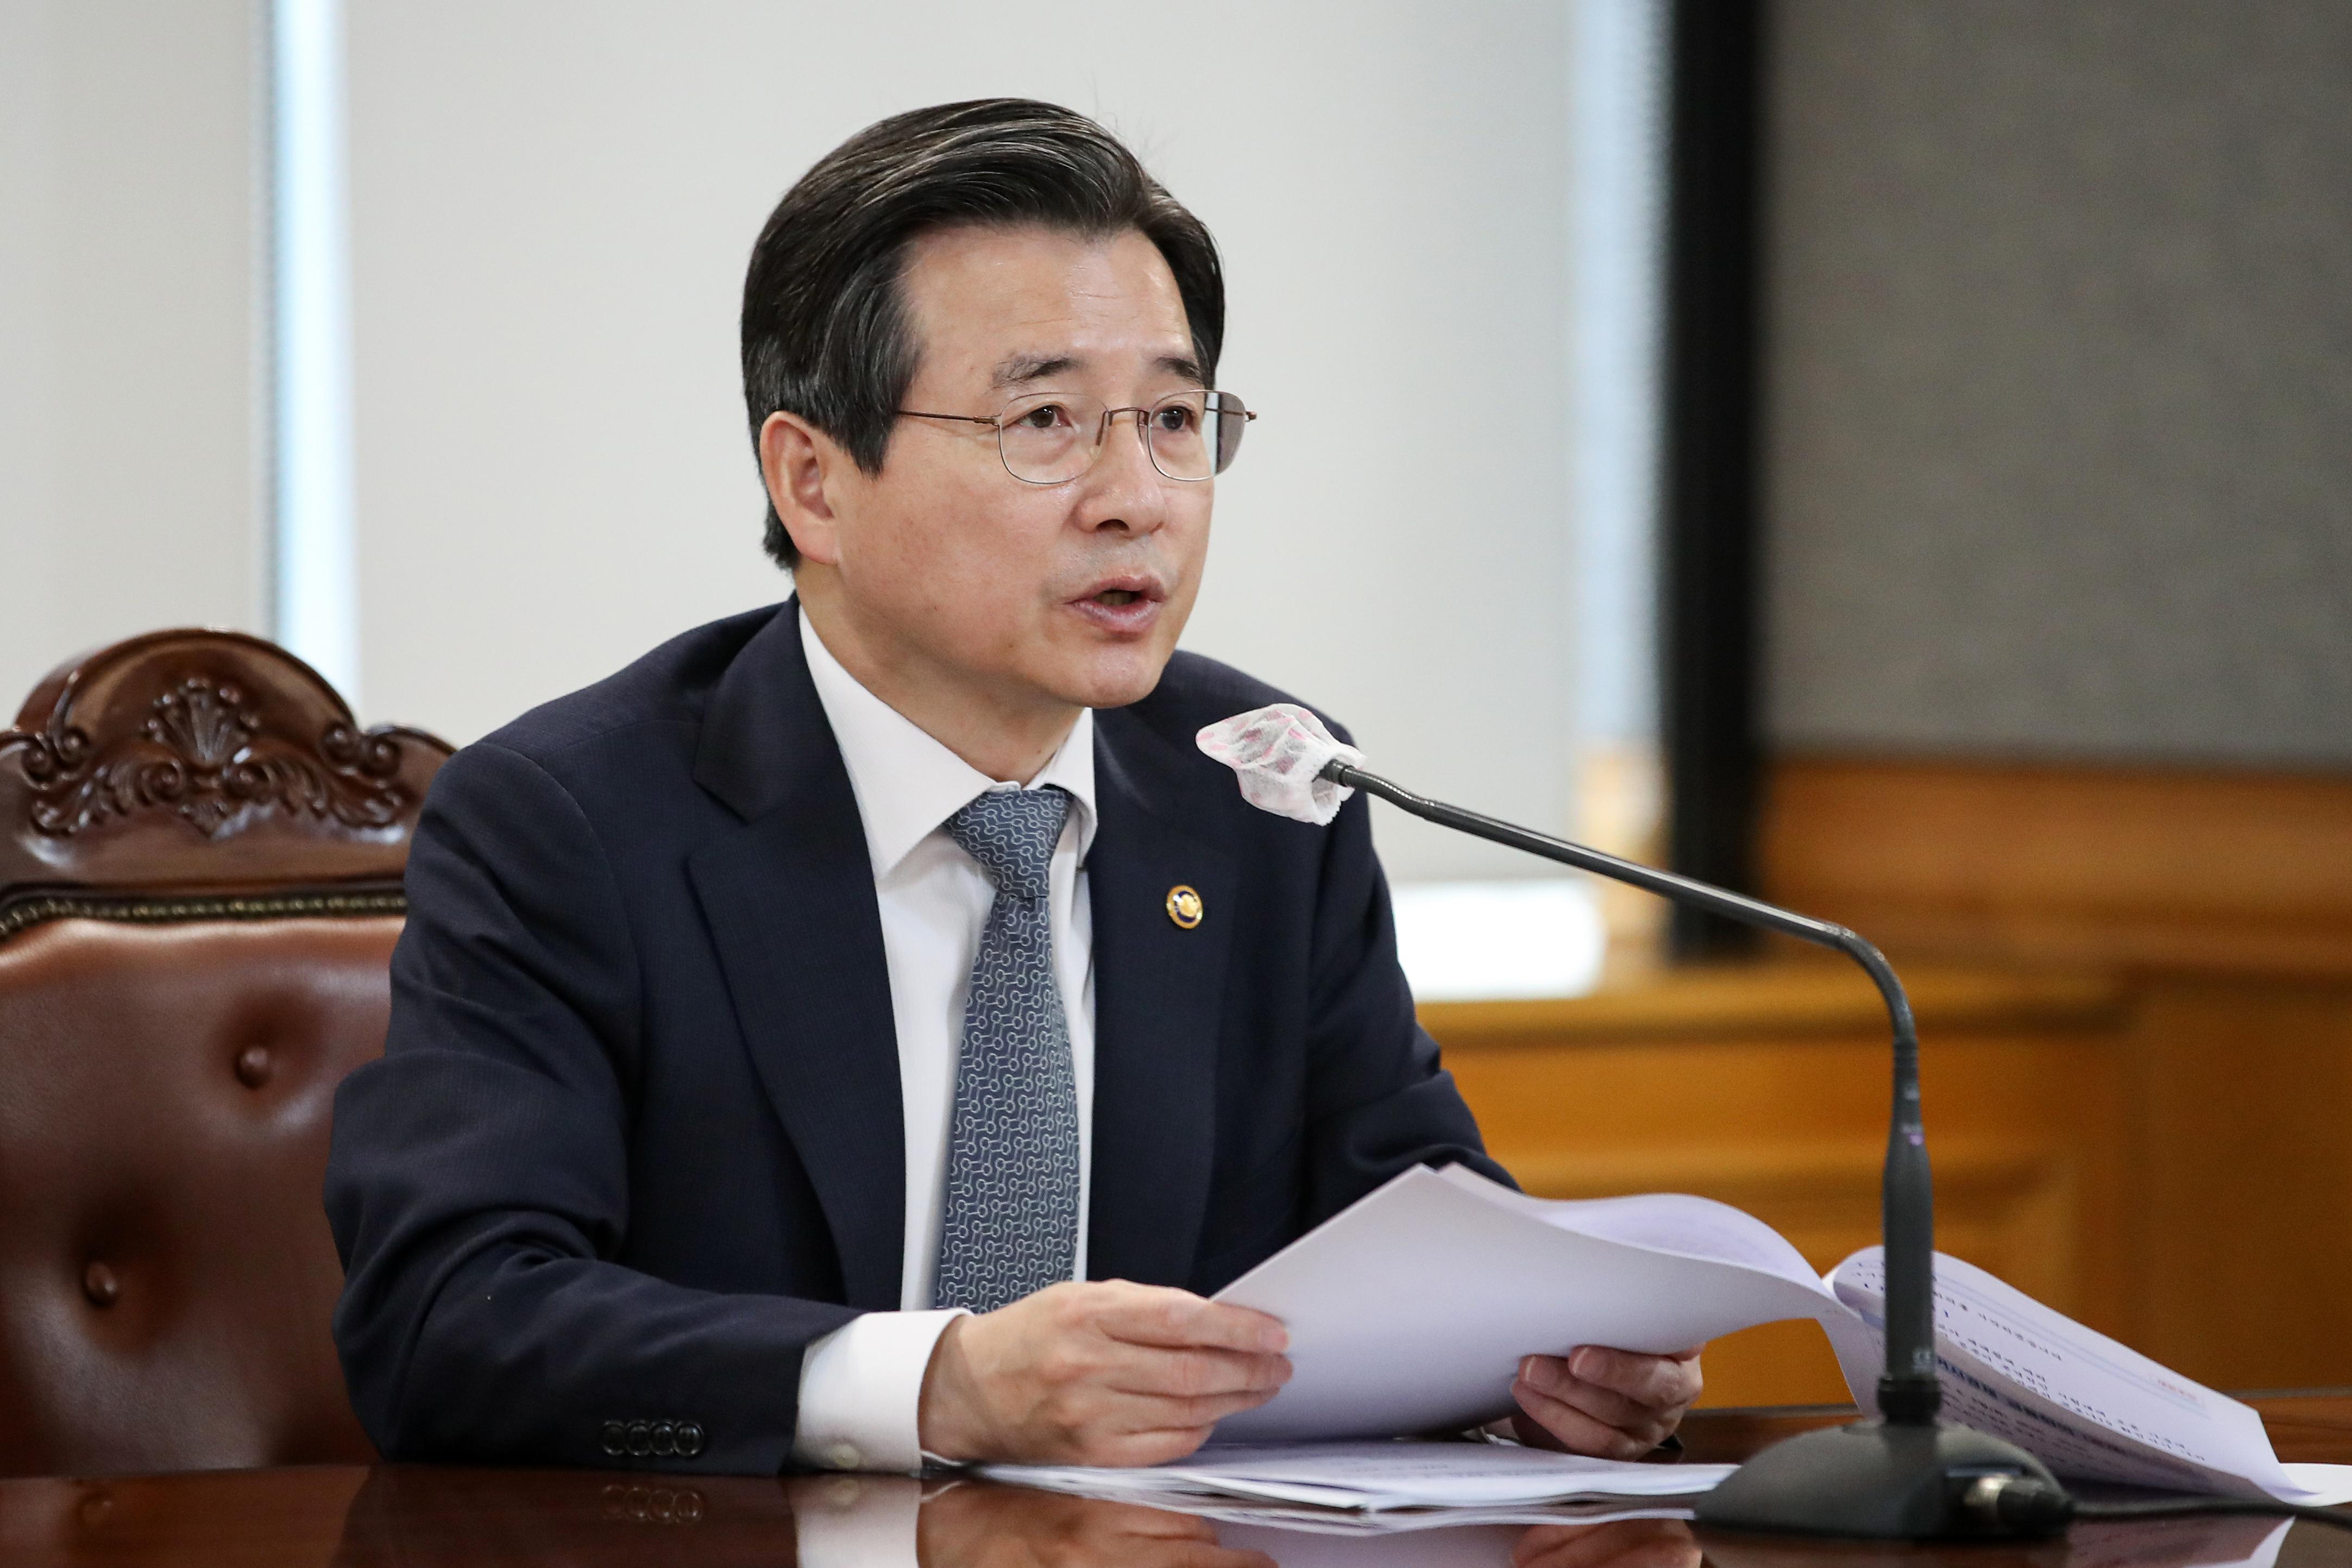 """김용범 차관 """"주가지수 반등 이면 실물경제 상황 주시해야"""""""